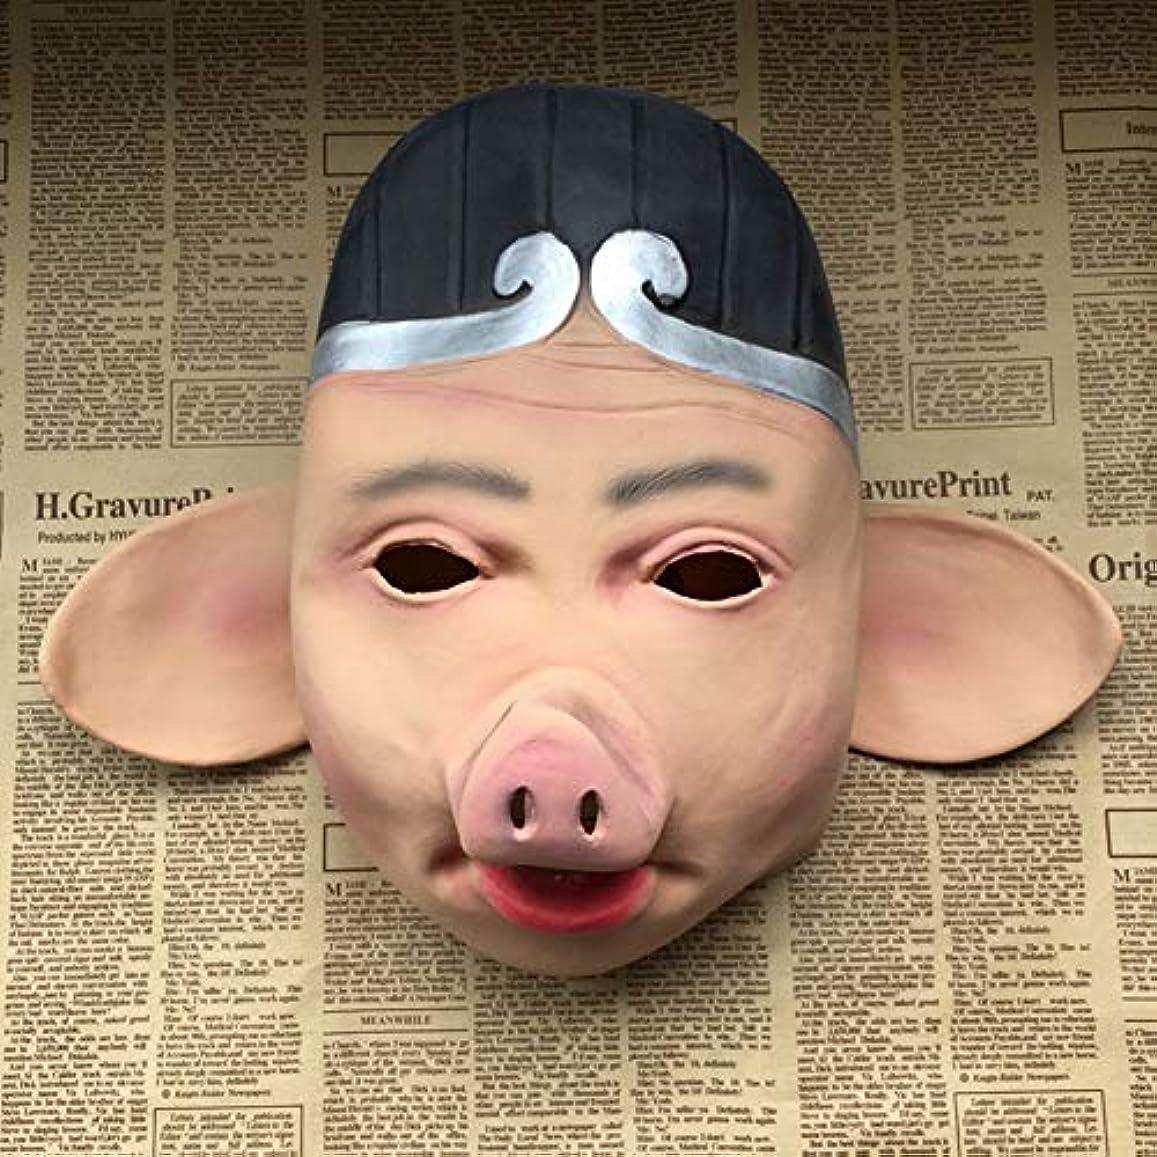 けがをする乱闘エンターテインメントハロウィーンホラーマスク、偽の創造的なブタのマスク、面白いヘッドマスク、パーティー仮装ラテックス Vizard マスク